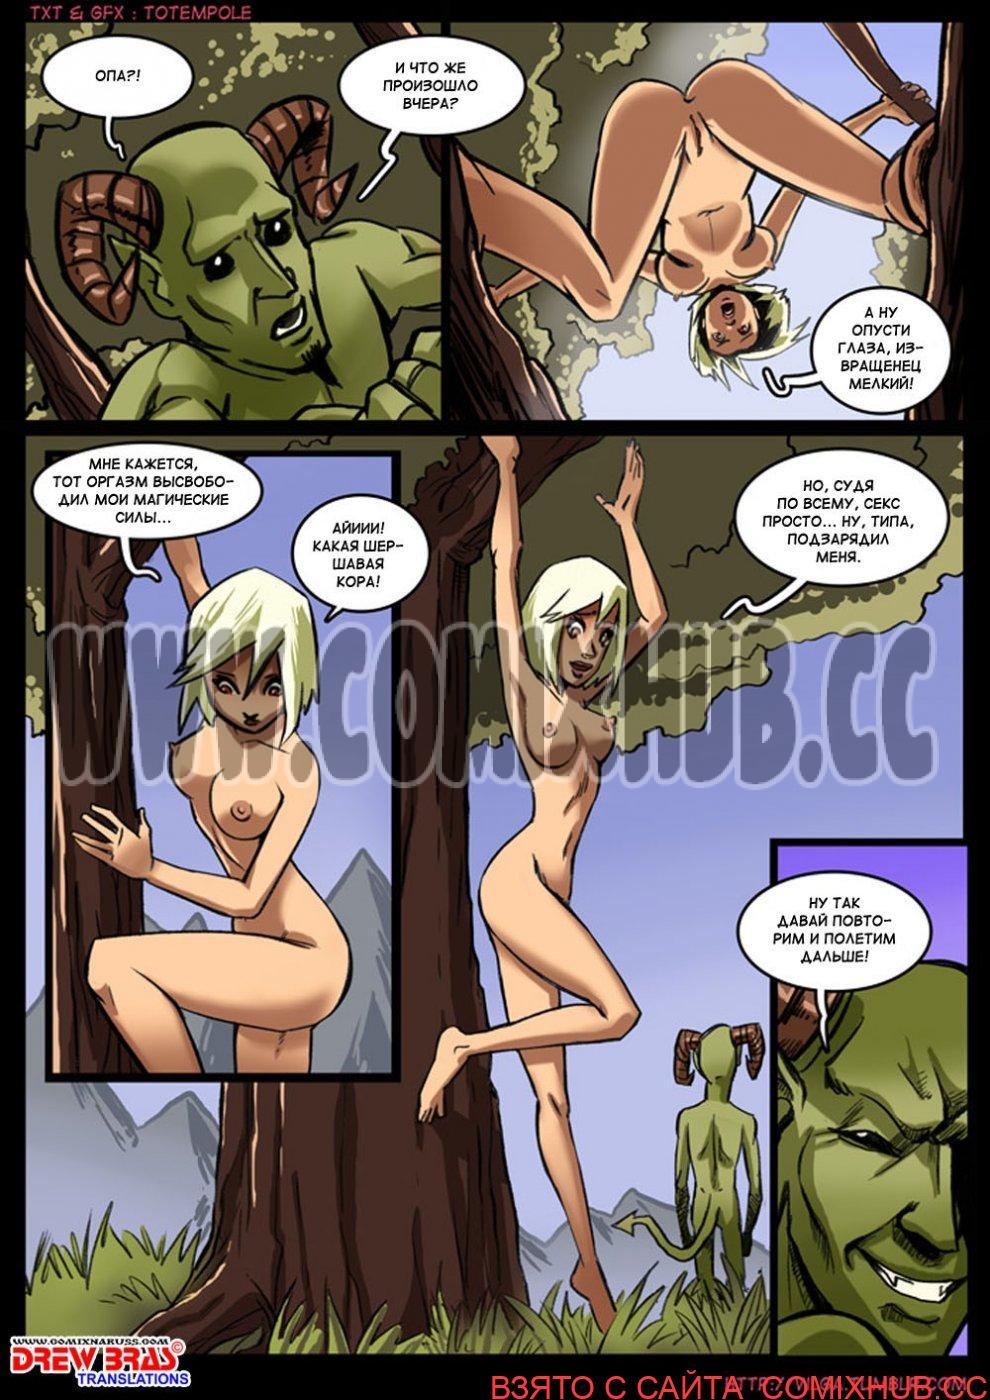 Волшебница, часть 2 Порно комиксы, Двойное проникновение, Монстры, Насилие, Супер-герои, Фемдом